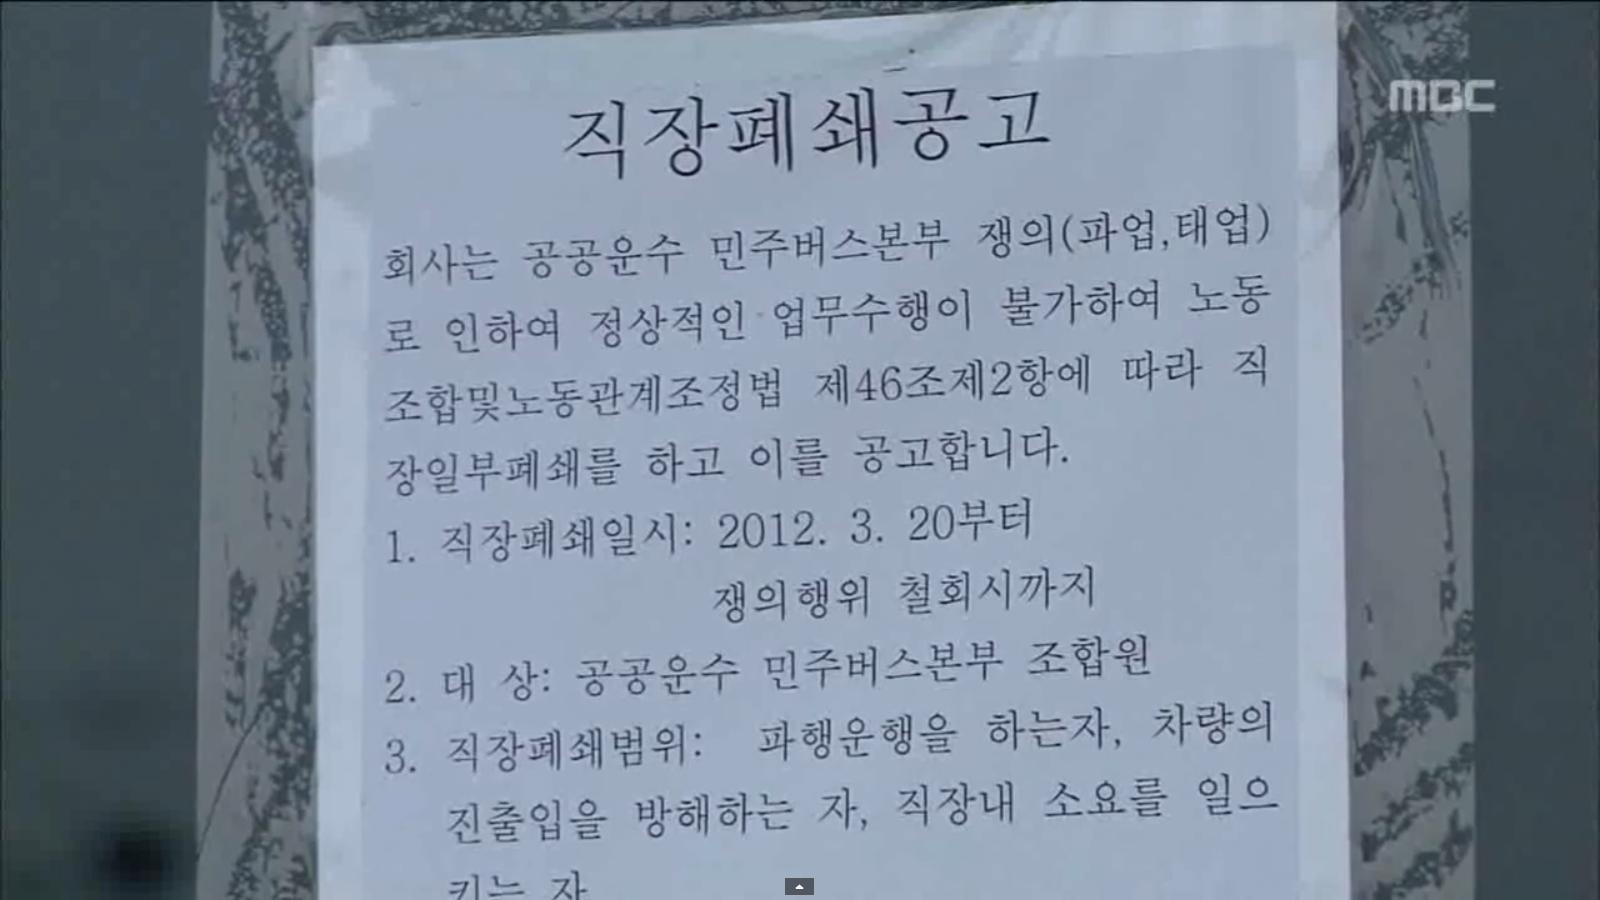 [15.7.13 전주MBC] 전주시내버스 보조금 환수 주민감사청구3.png